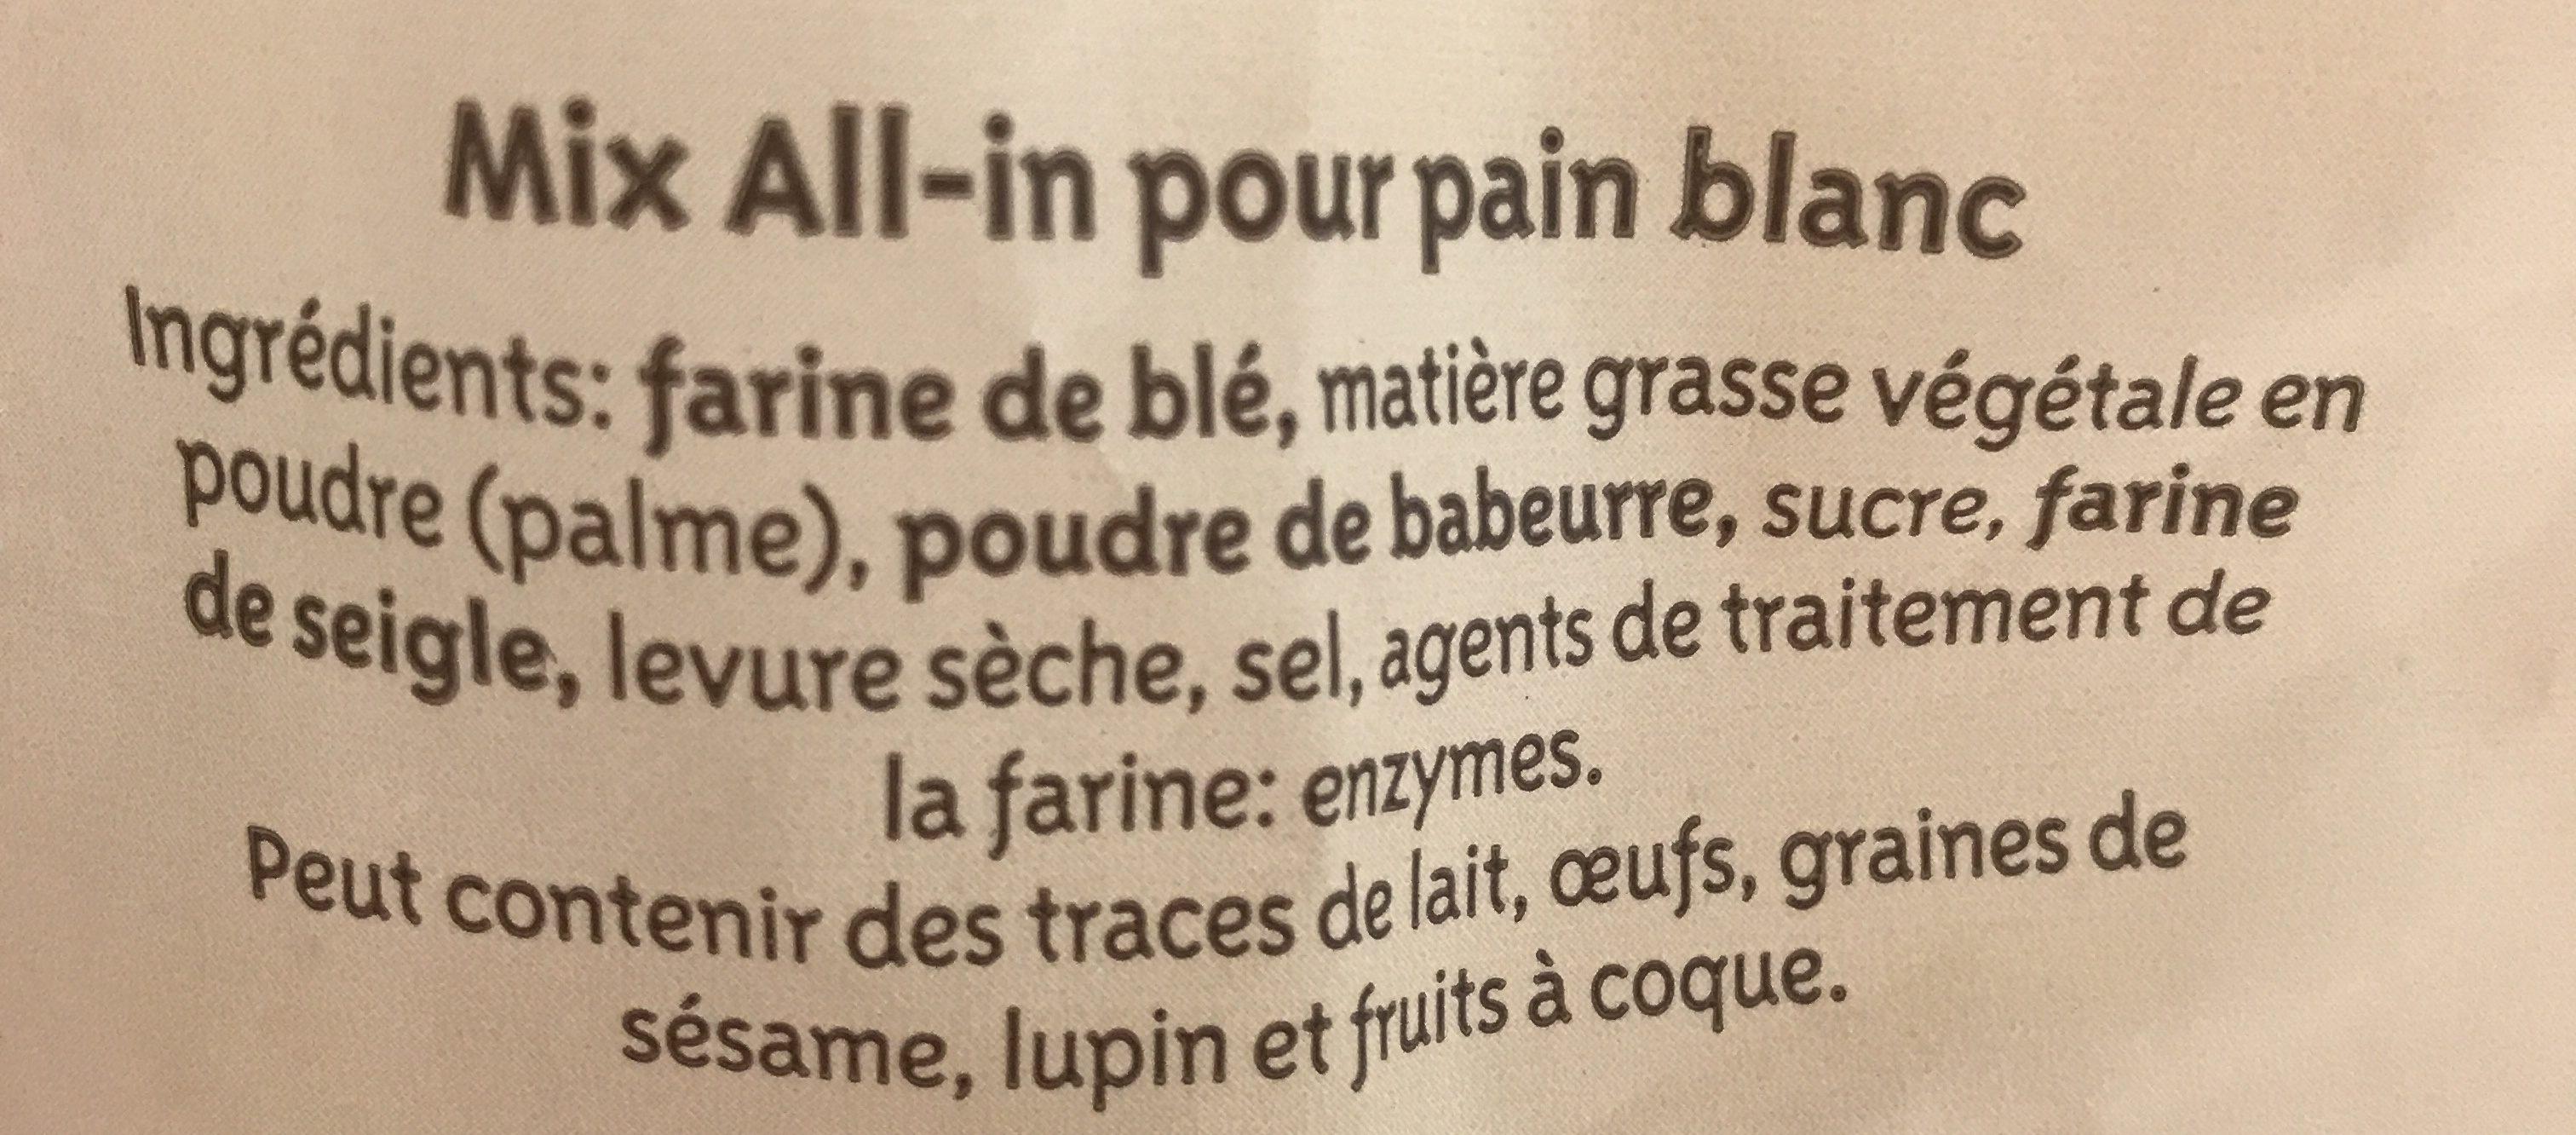 Pain blanc - Ingredients